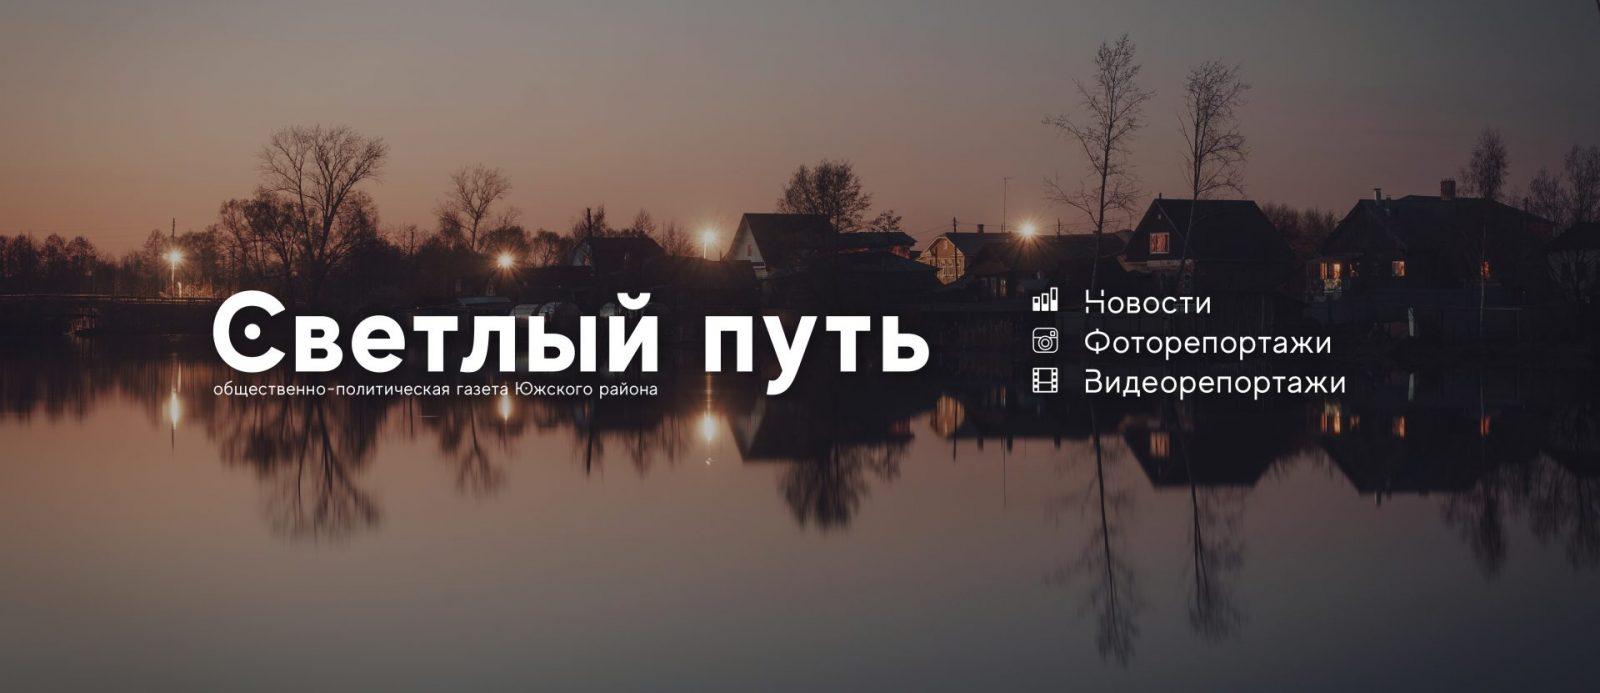 За минувшие сутки трое жителей Ивановской области стали жертвами виртуальных мошенников